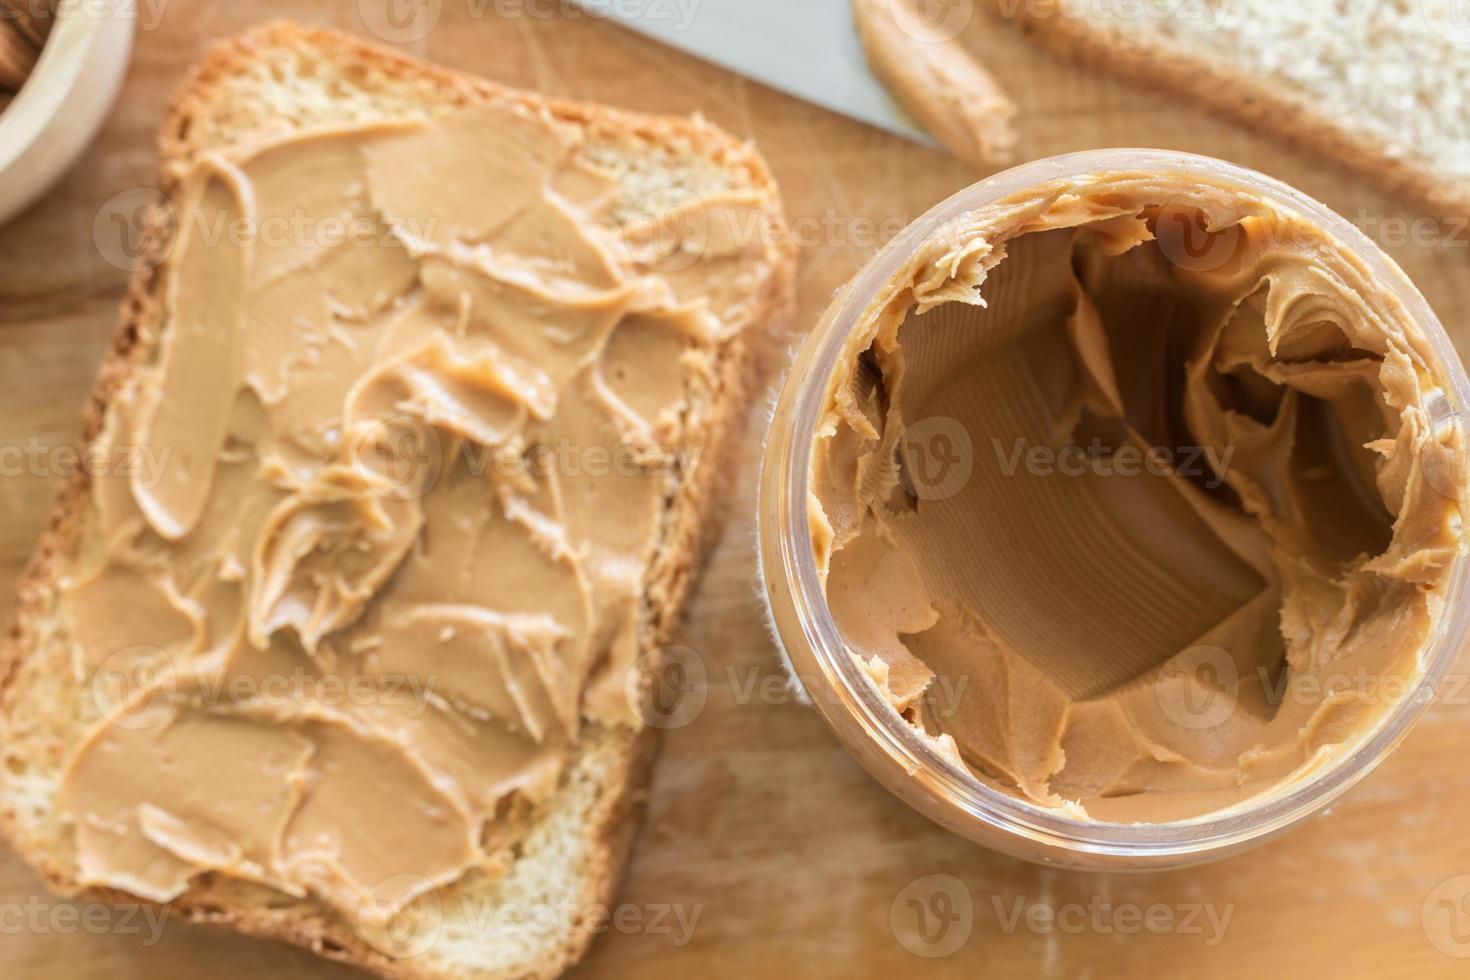 sándwich de mantequilla de maní foto